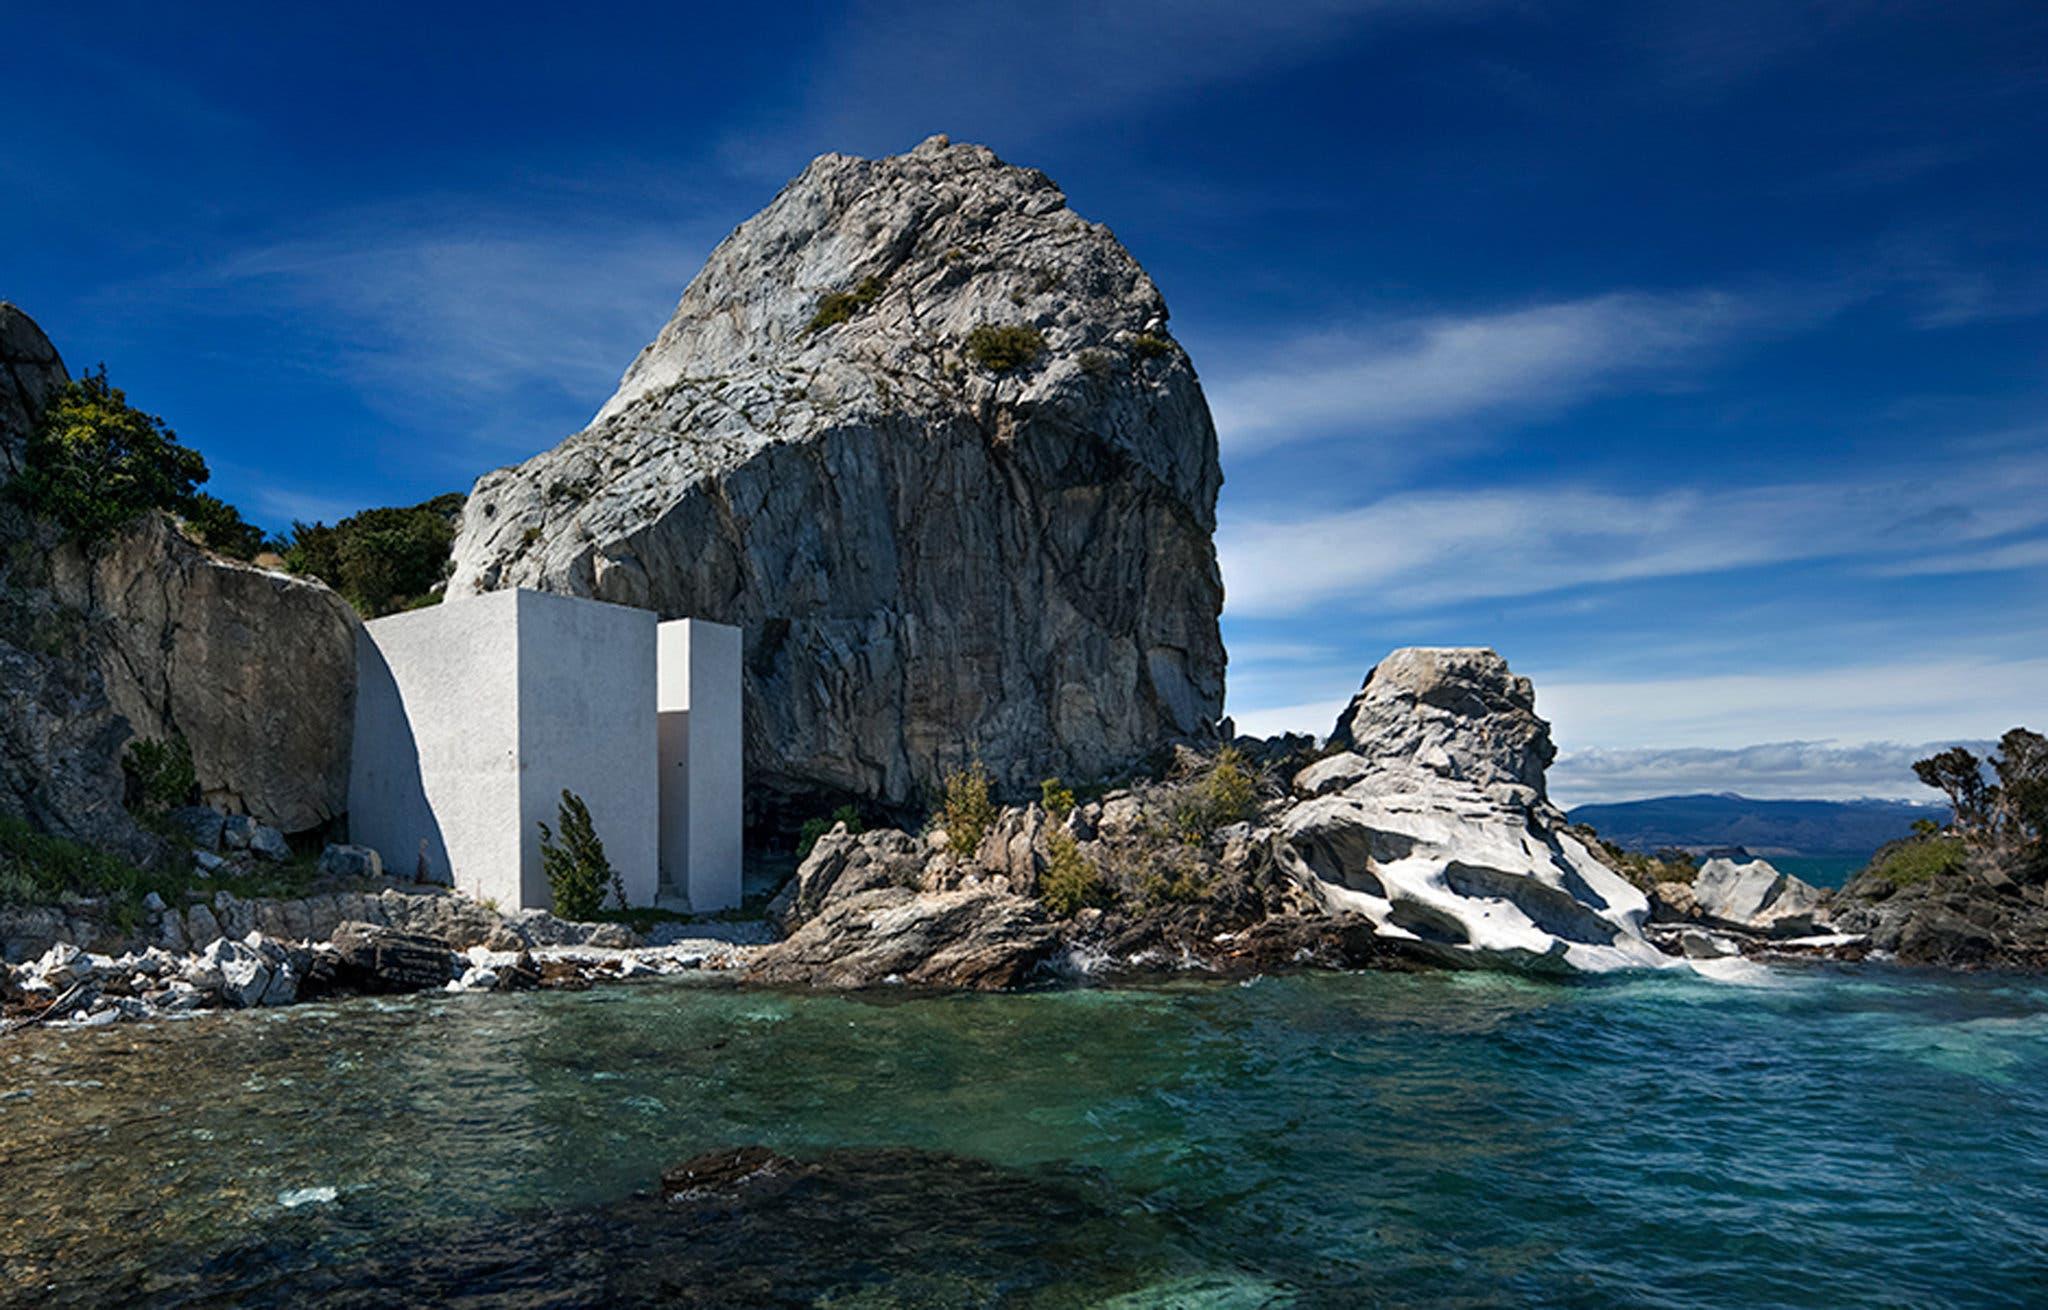 elemental living residence by artist Not Vital